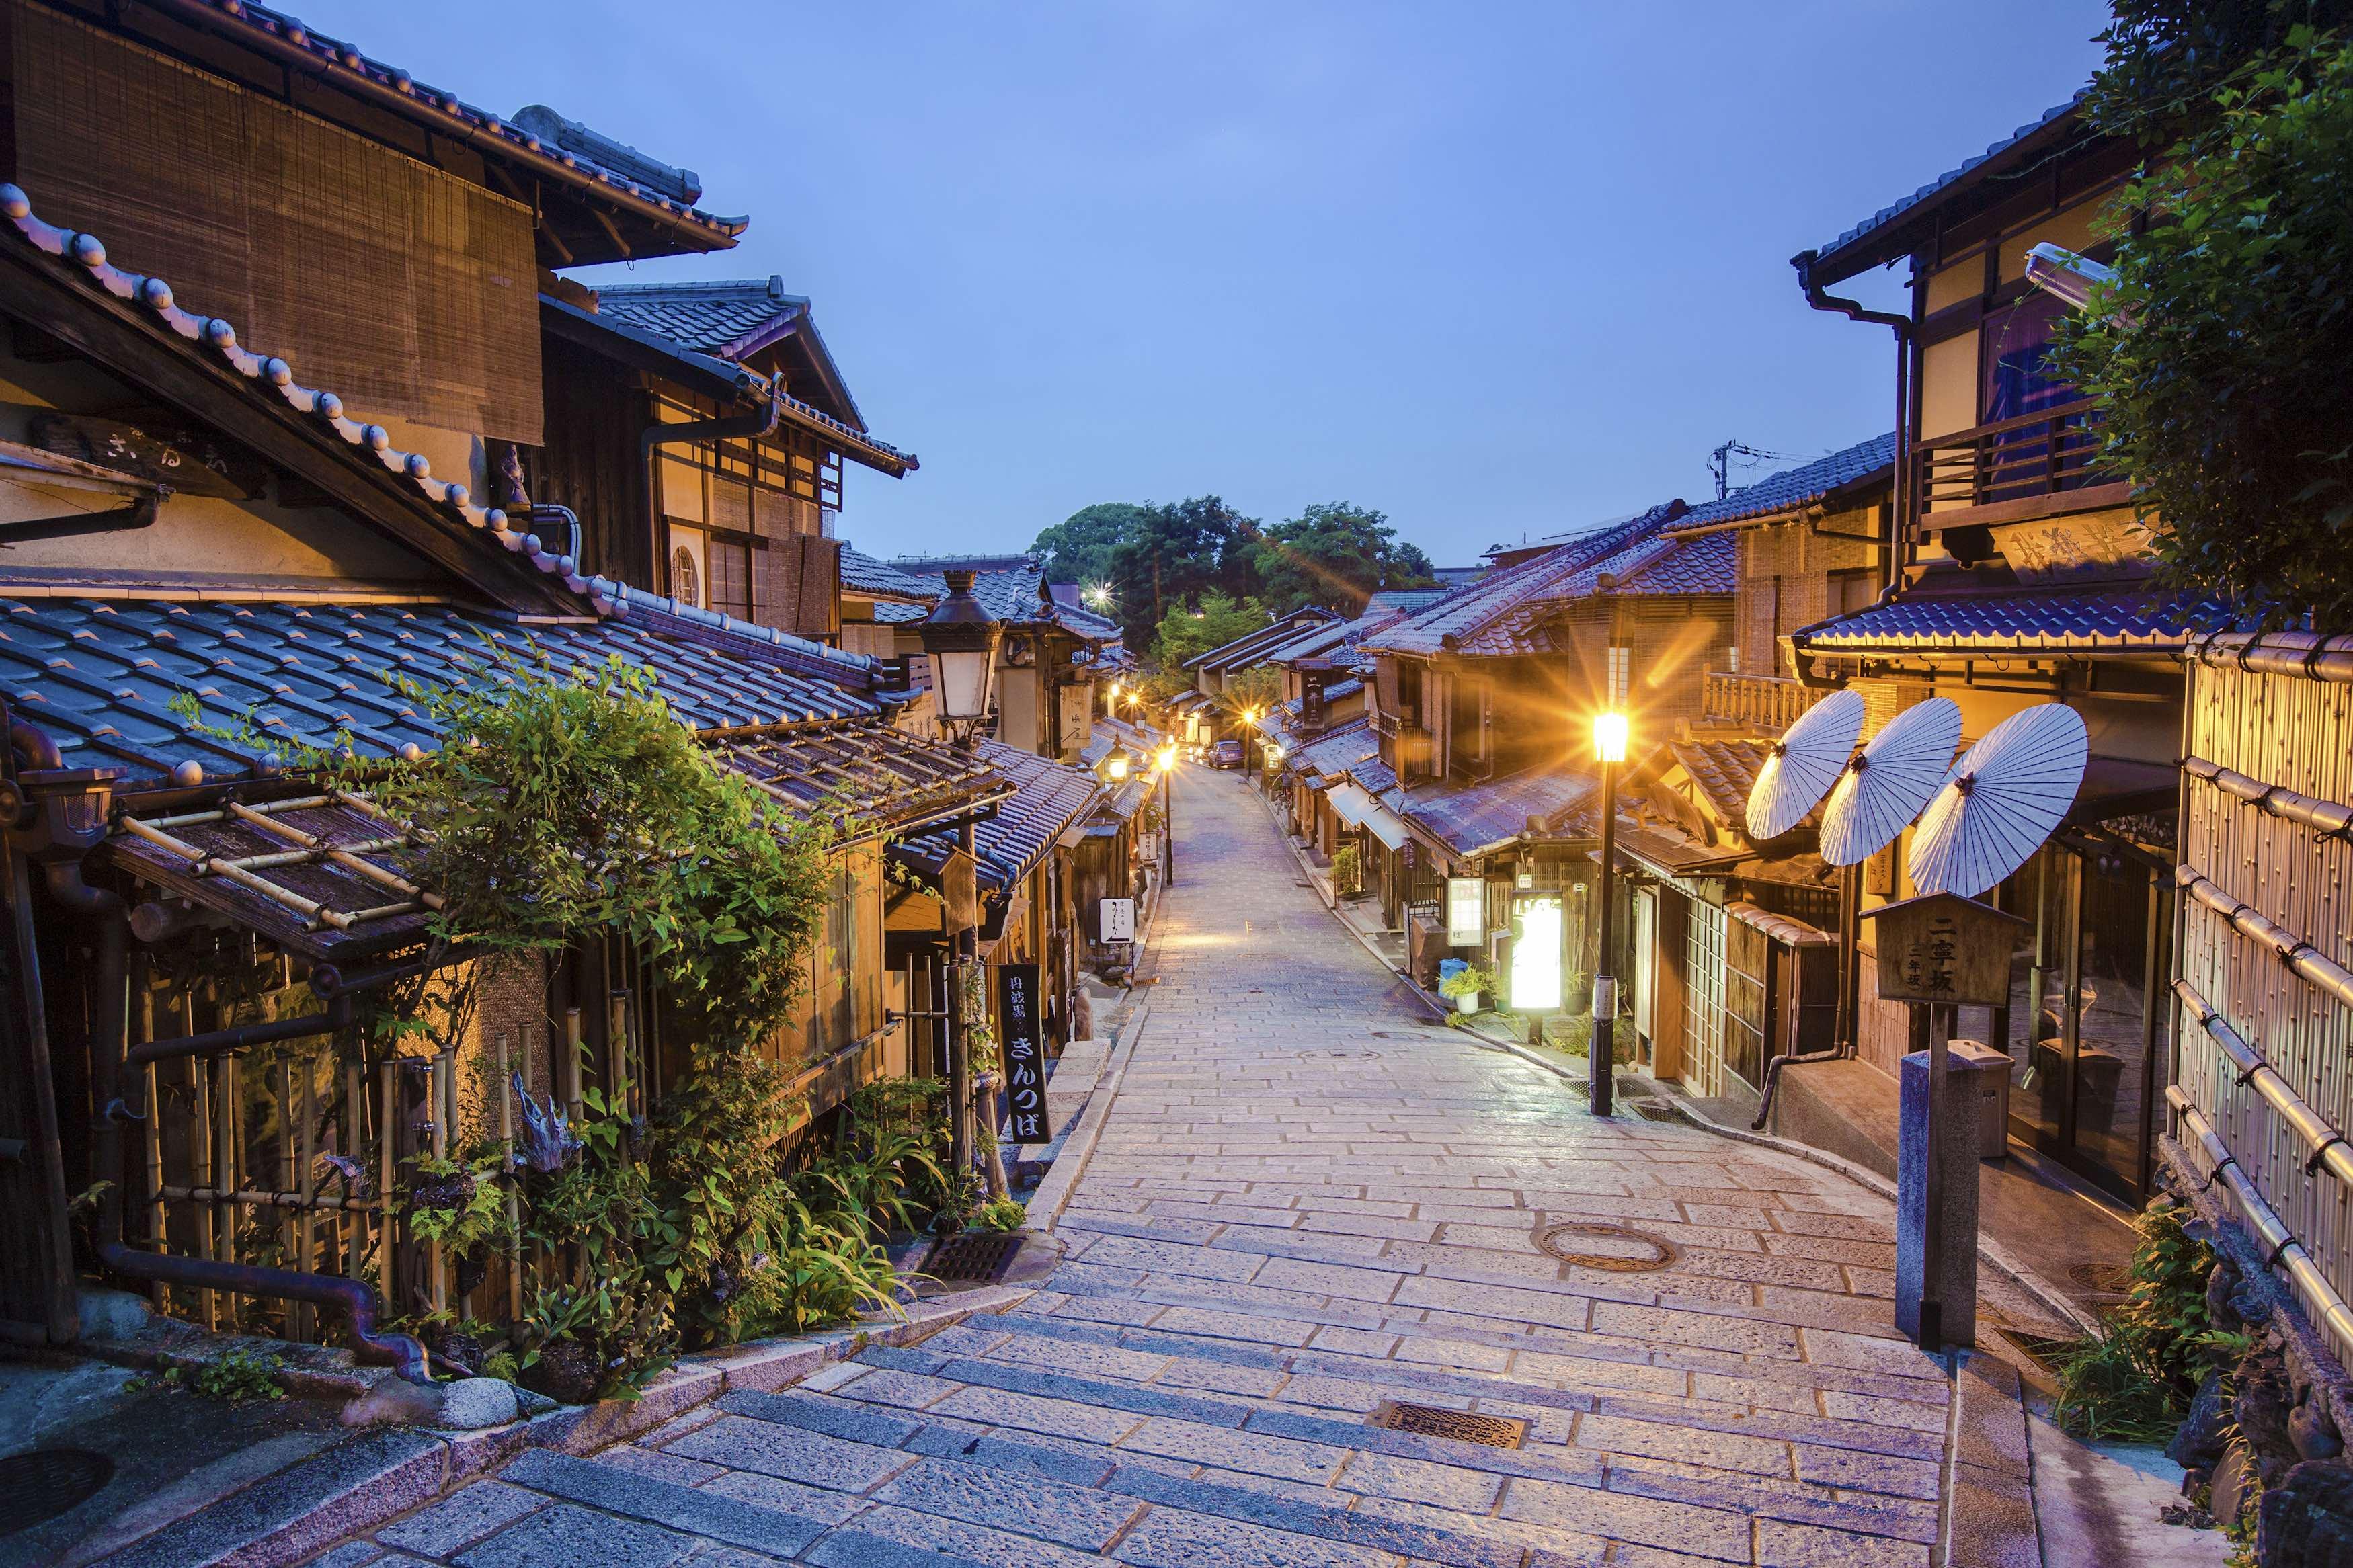 Gion Jepang, Kota Penuh Hiburan dan Geisha di Kyoto